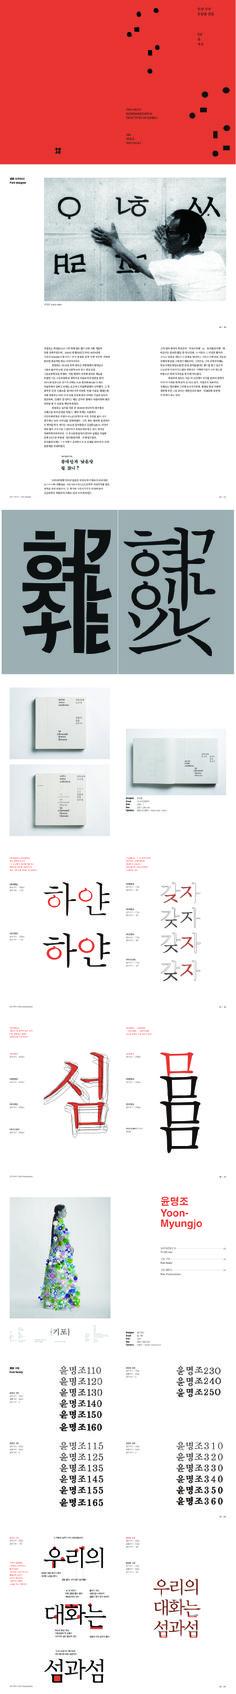 한글 대표 본문용 글꼴인 SM명조와 YOON명조에 대한 70페이지 분량의 책자